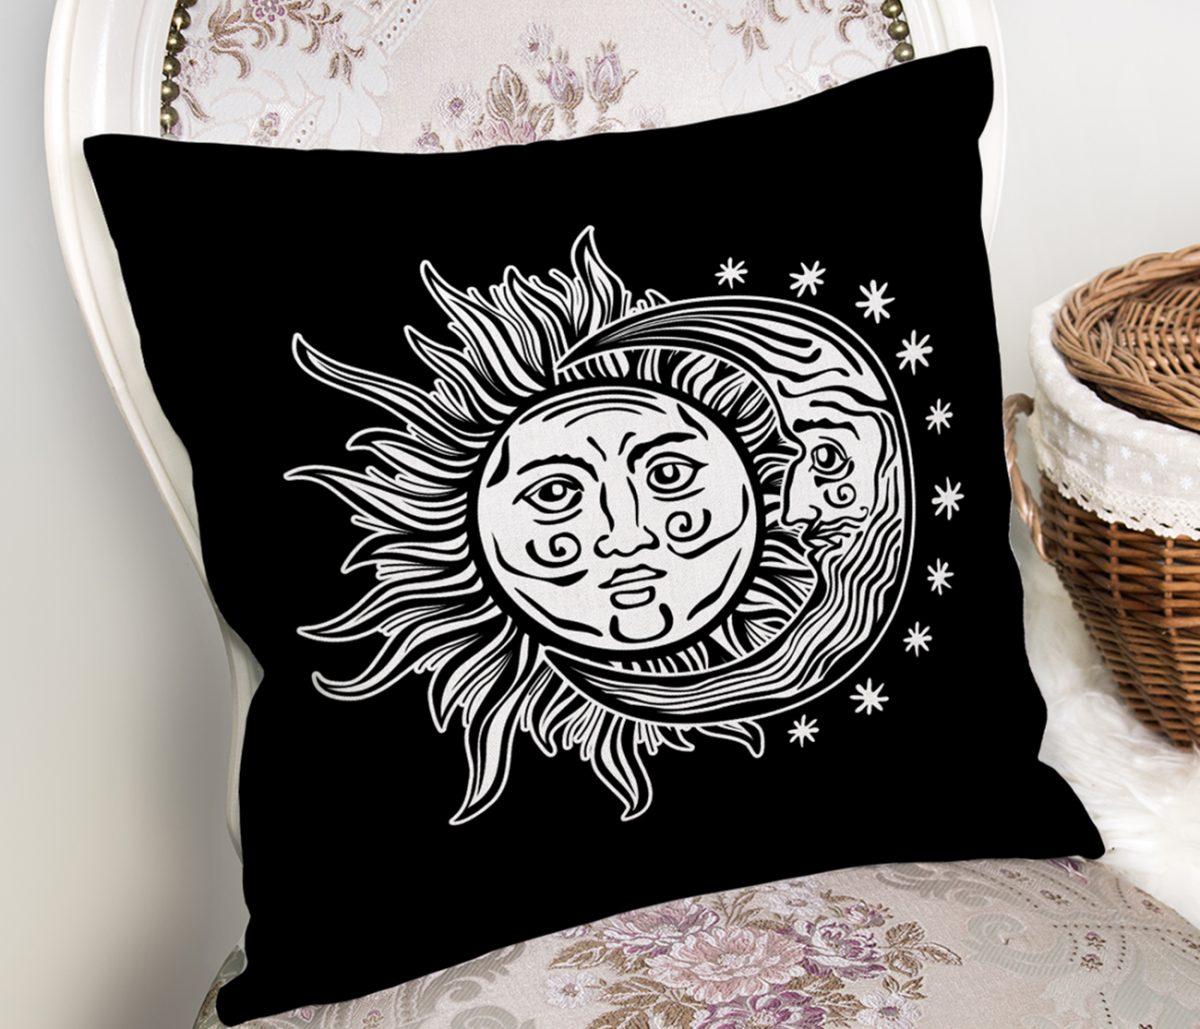 Güneş Ay Yıldızlı Dekoratif Kırlent Kılıfı Realhomes